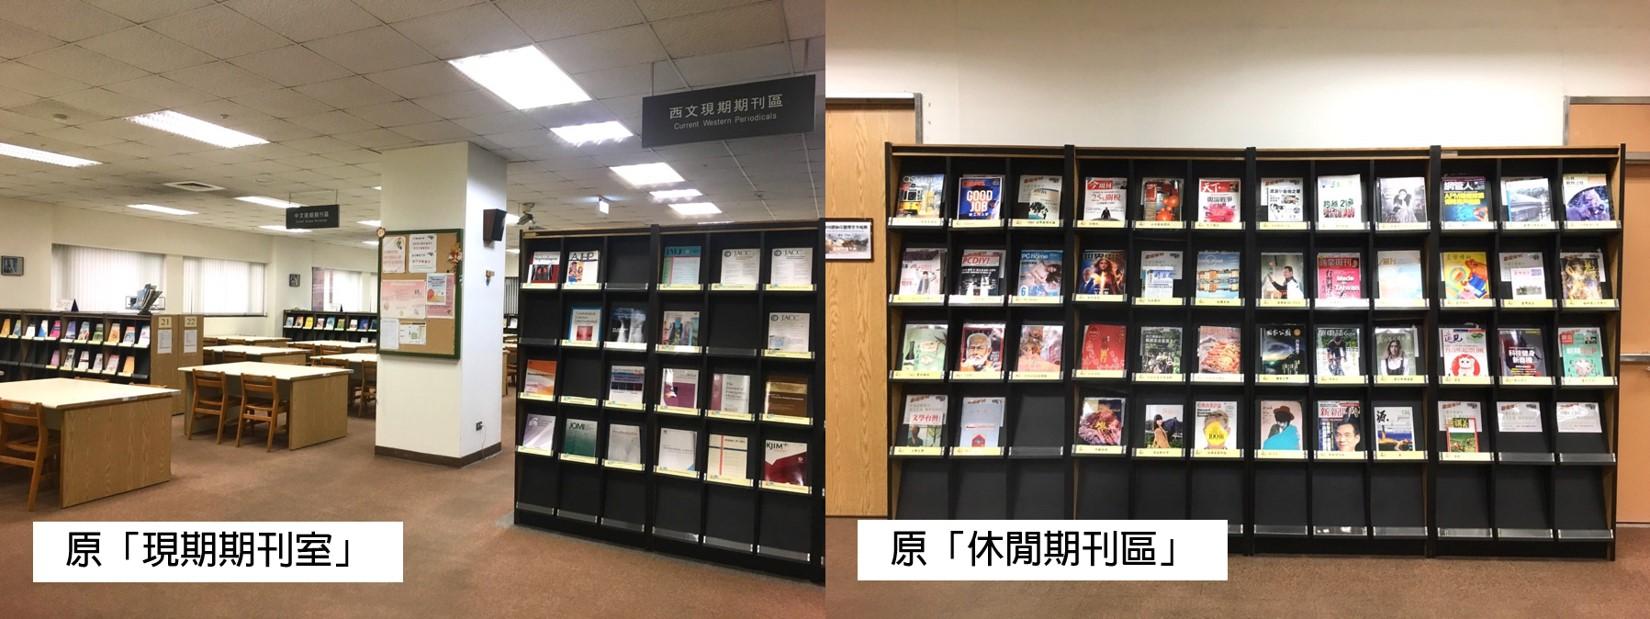 中西文現期期刊及休閒期刊陳列架位已調整至三樓參考室